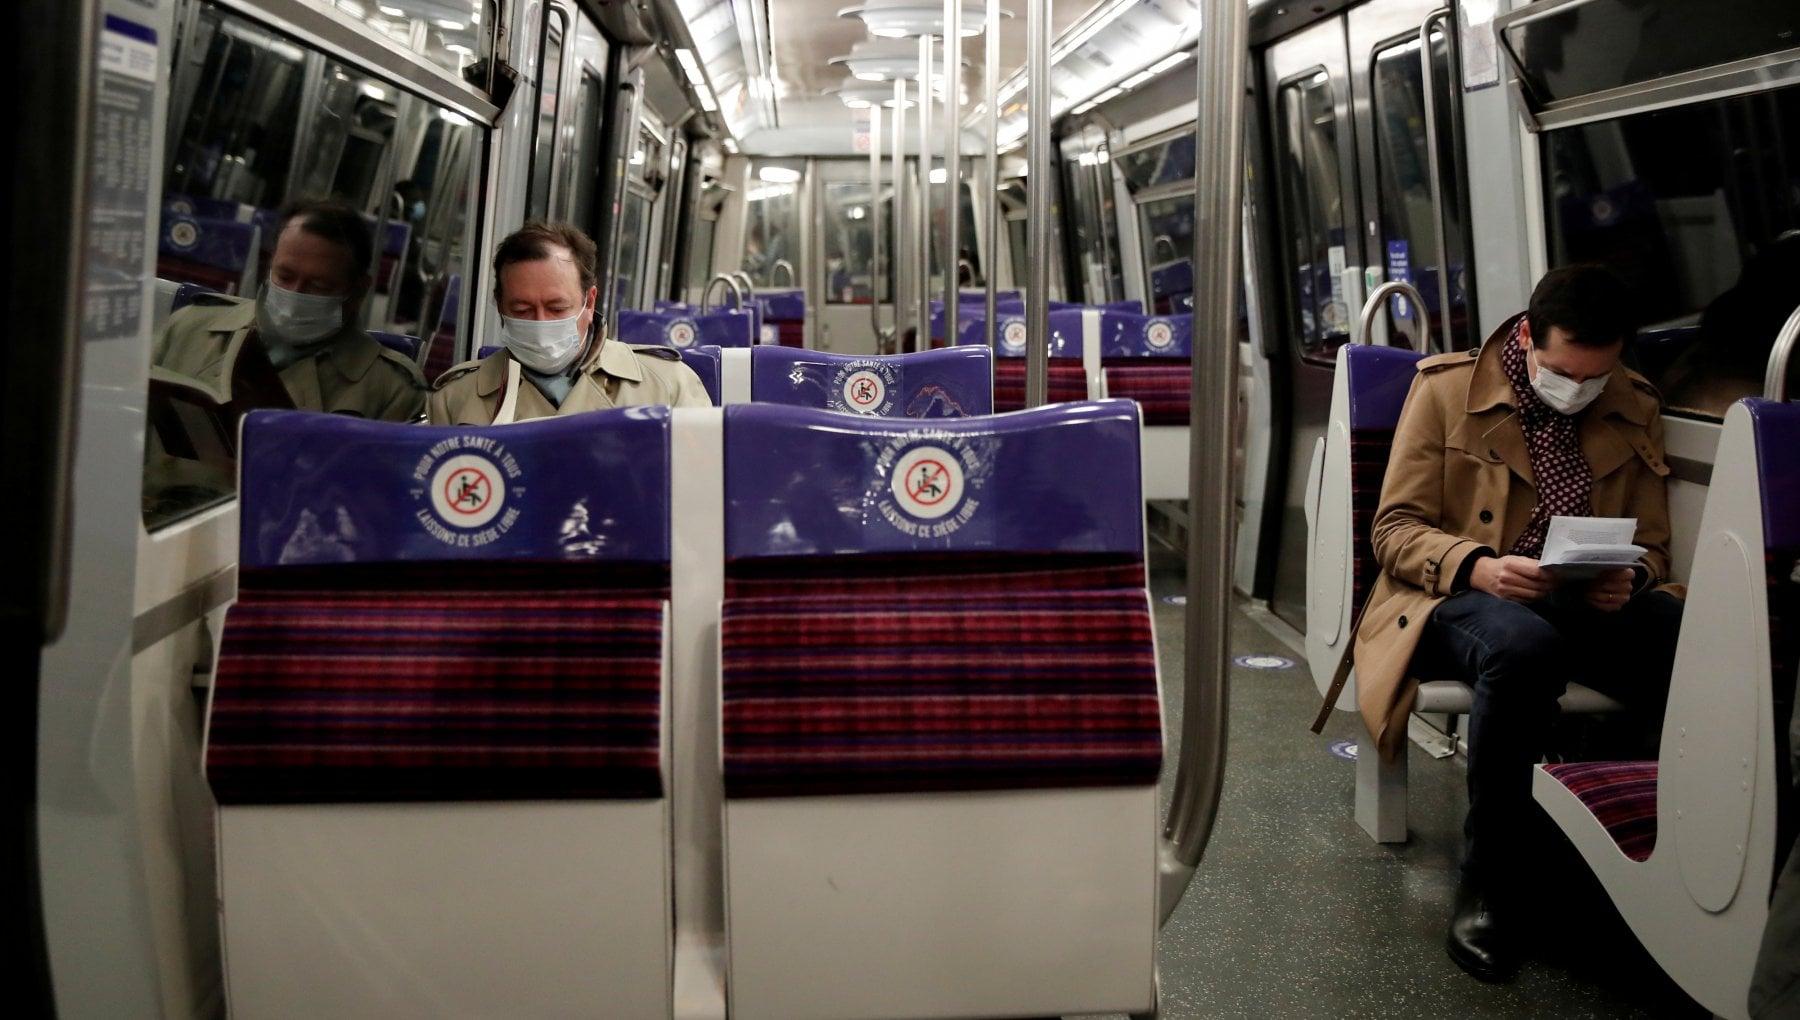 Francia stop a chiacchiere e telefonate in metro aiutano a diffondere il virus